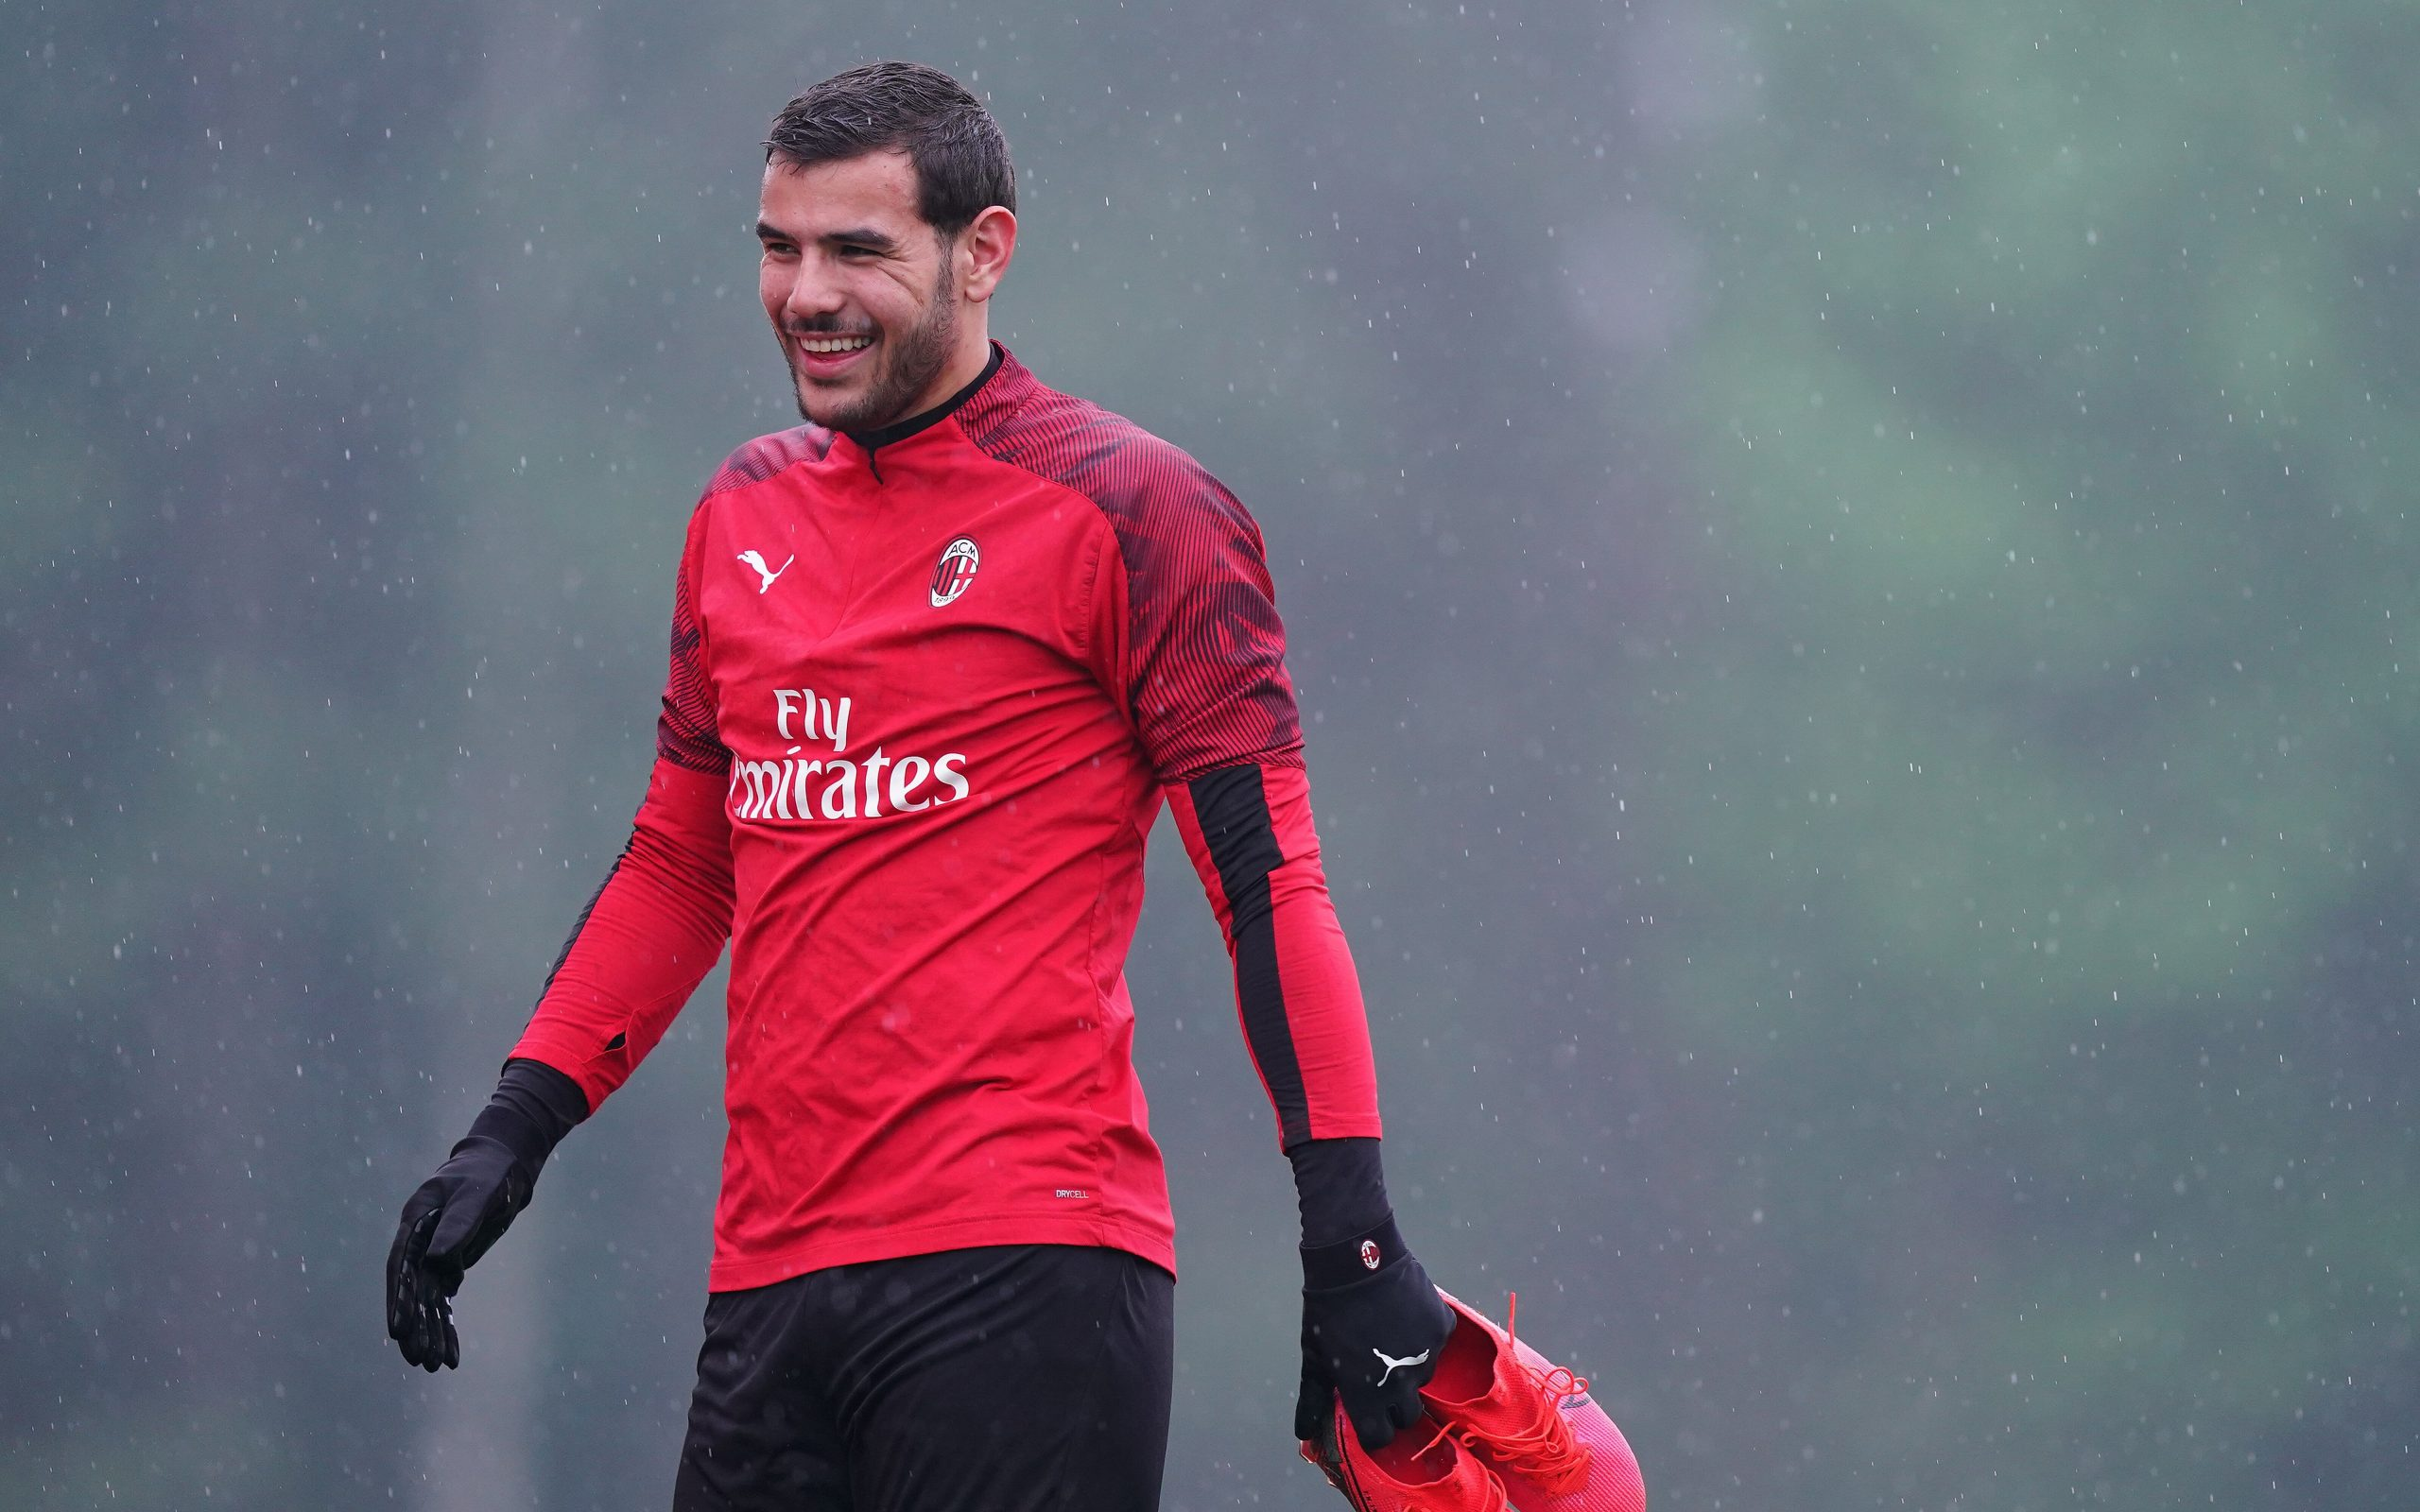 """Mercato - Theo Hernandez écarte l'idée d'un départ """"je suis très heureux à Milan"""""""